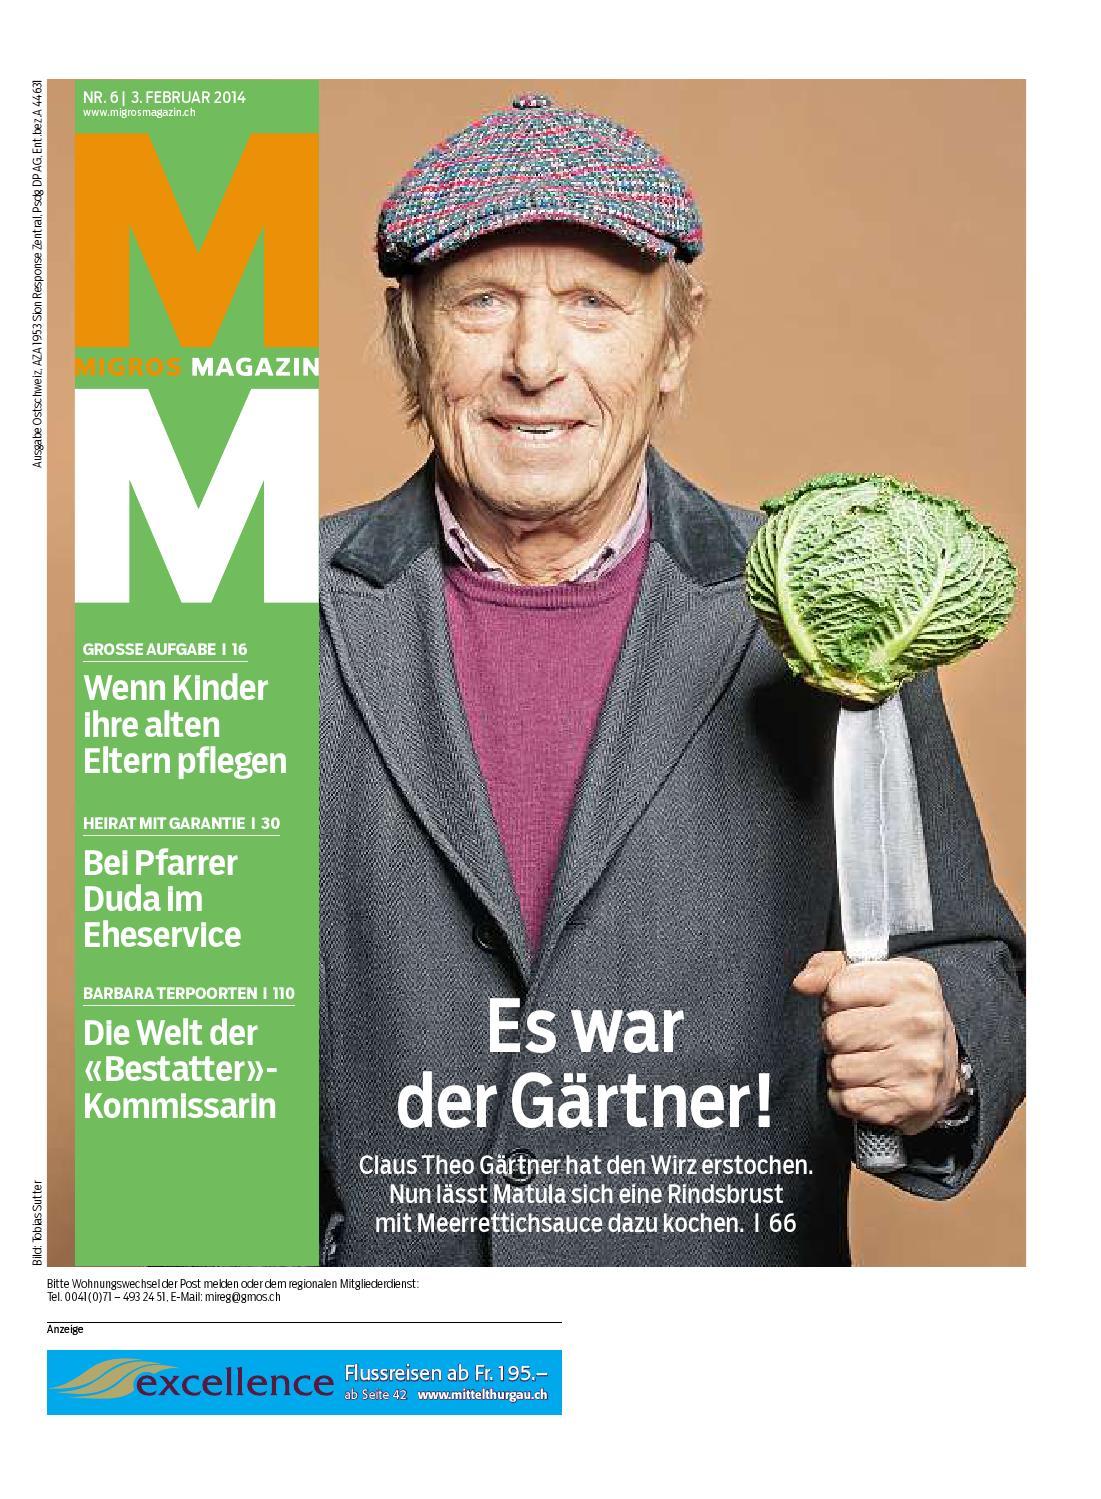 Migros Magazin 06 2011 d BL Kopie by Migros - Issuu